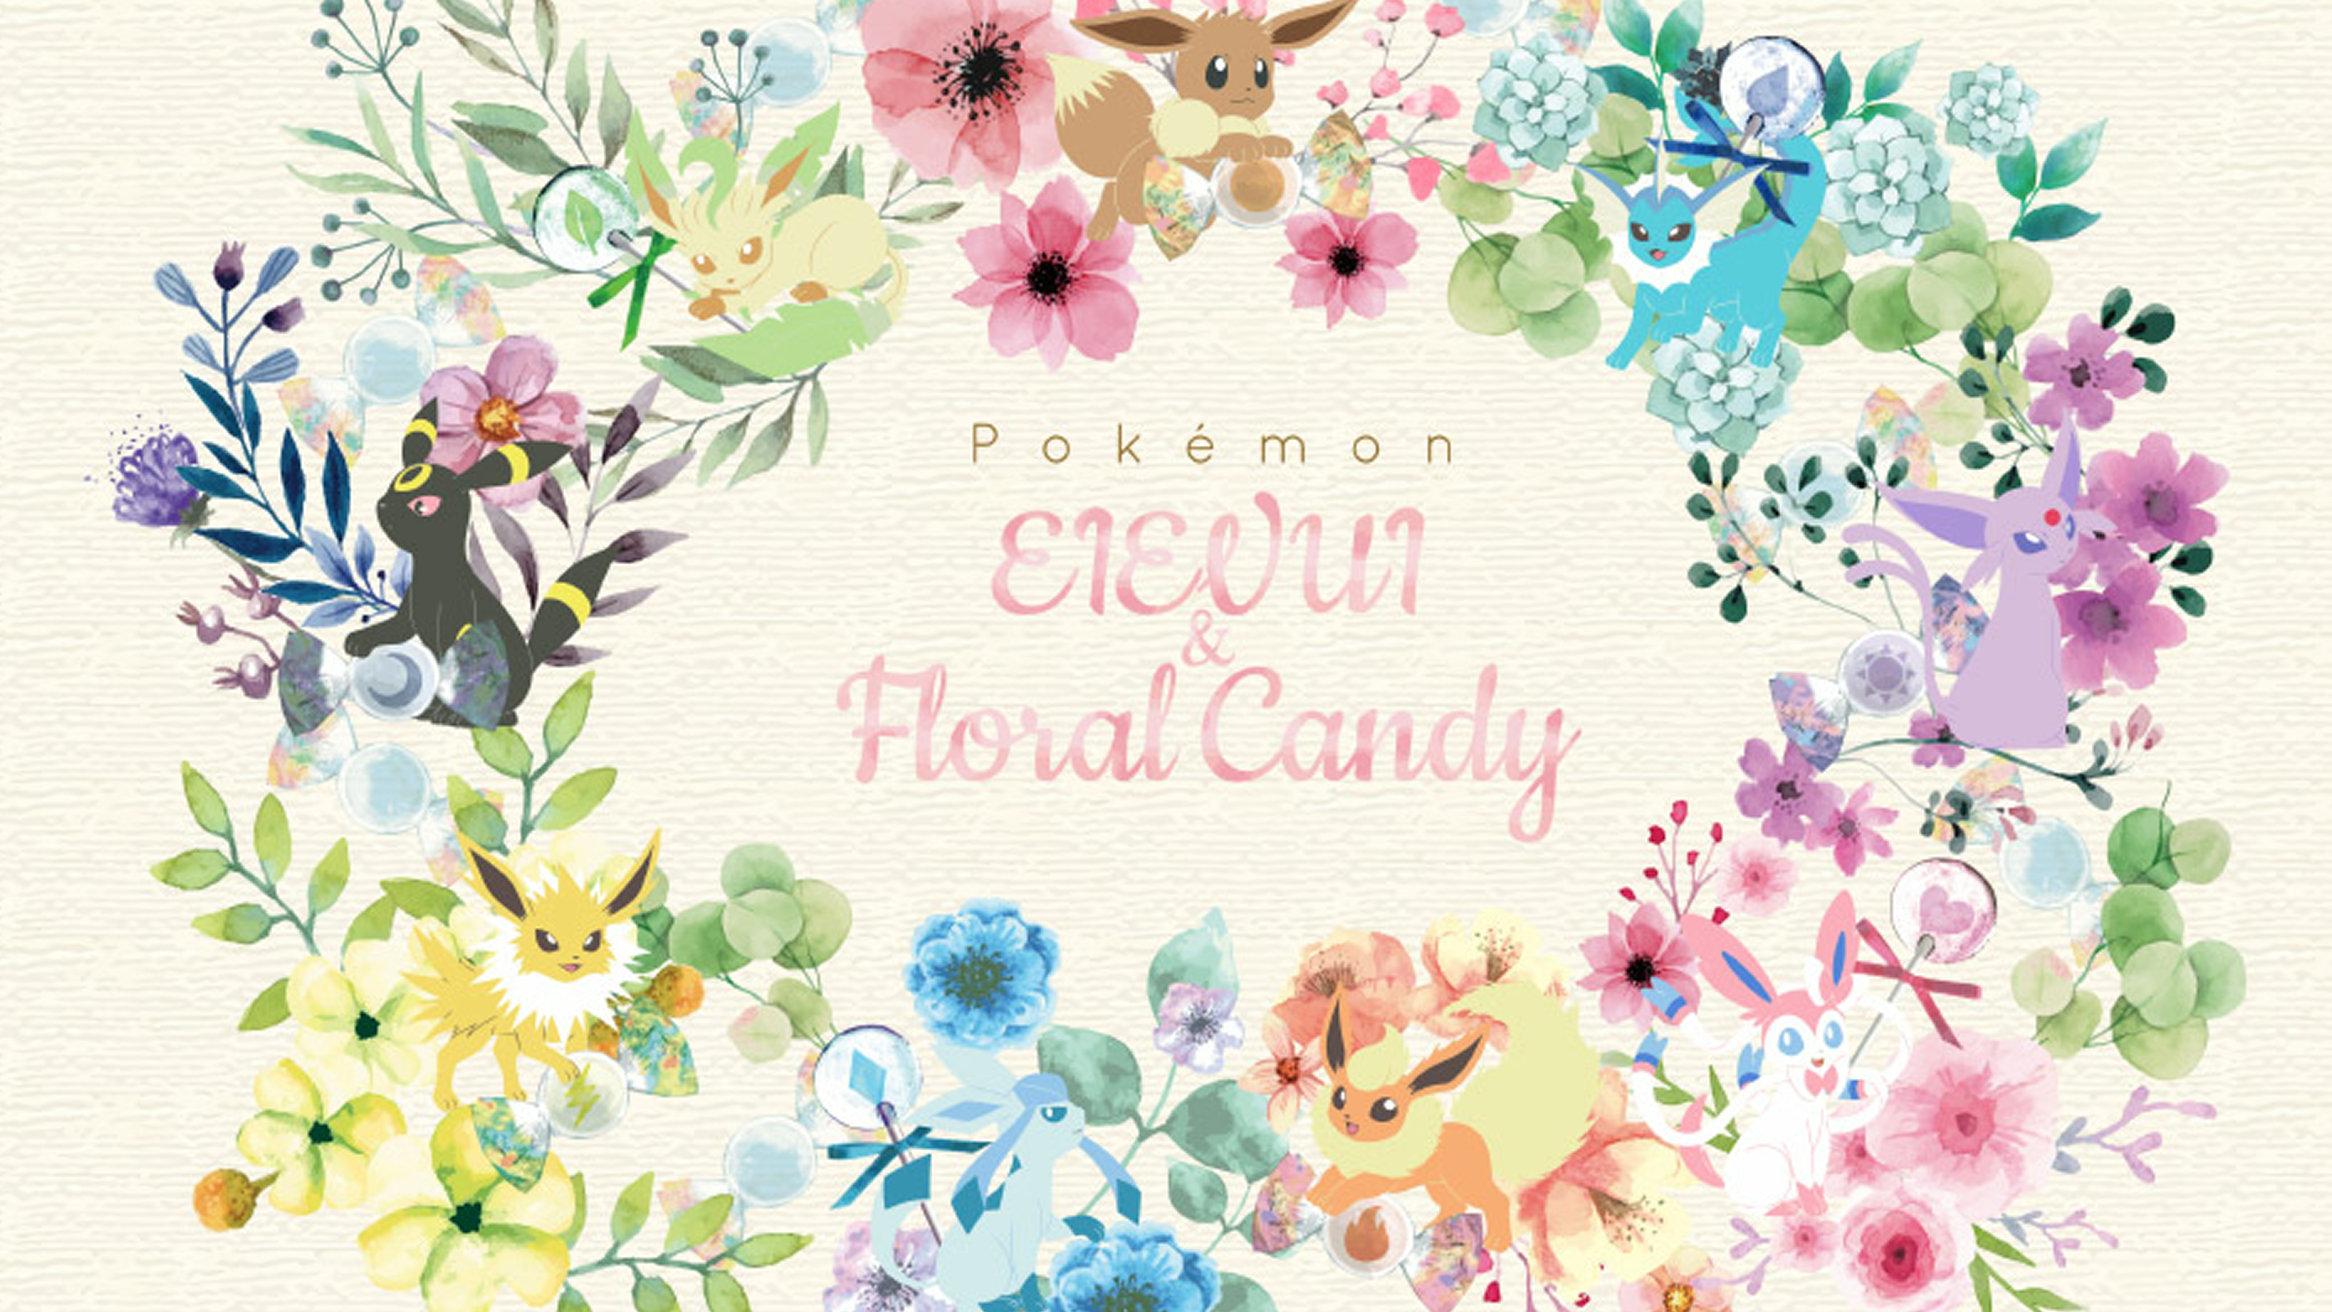 ポケモン、うたた寝イーブイ一番くじ EIEVUI&Floral Candy